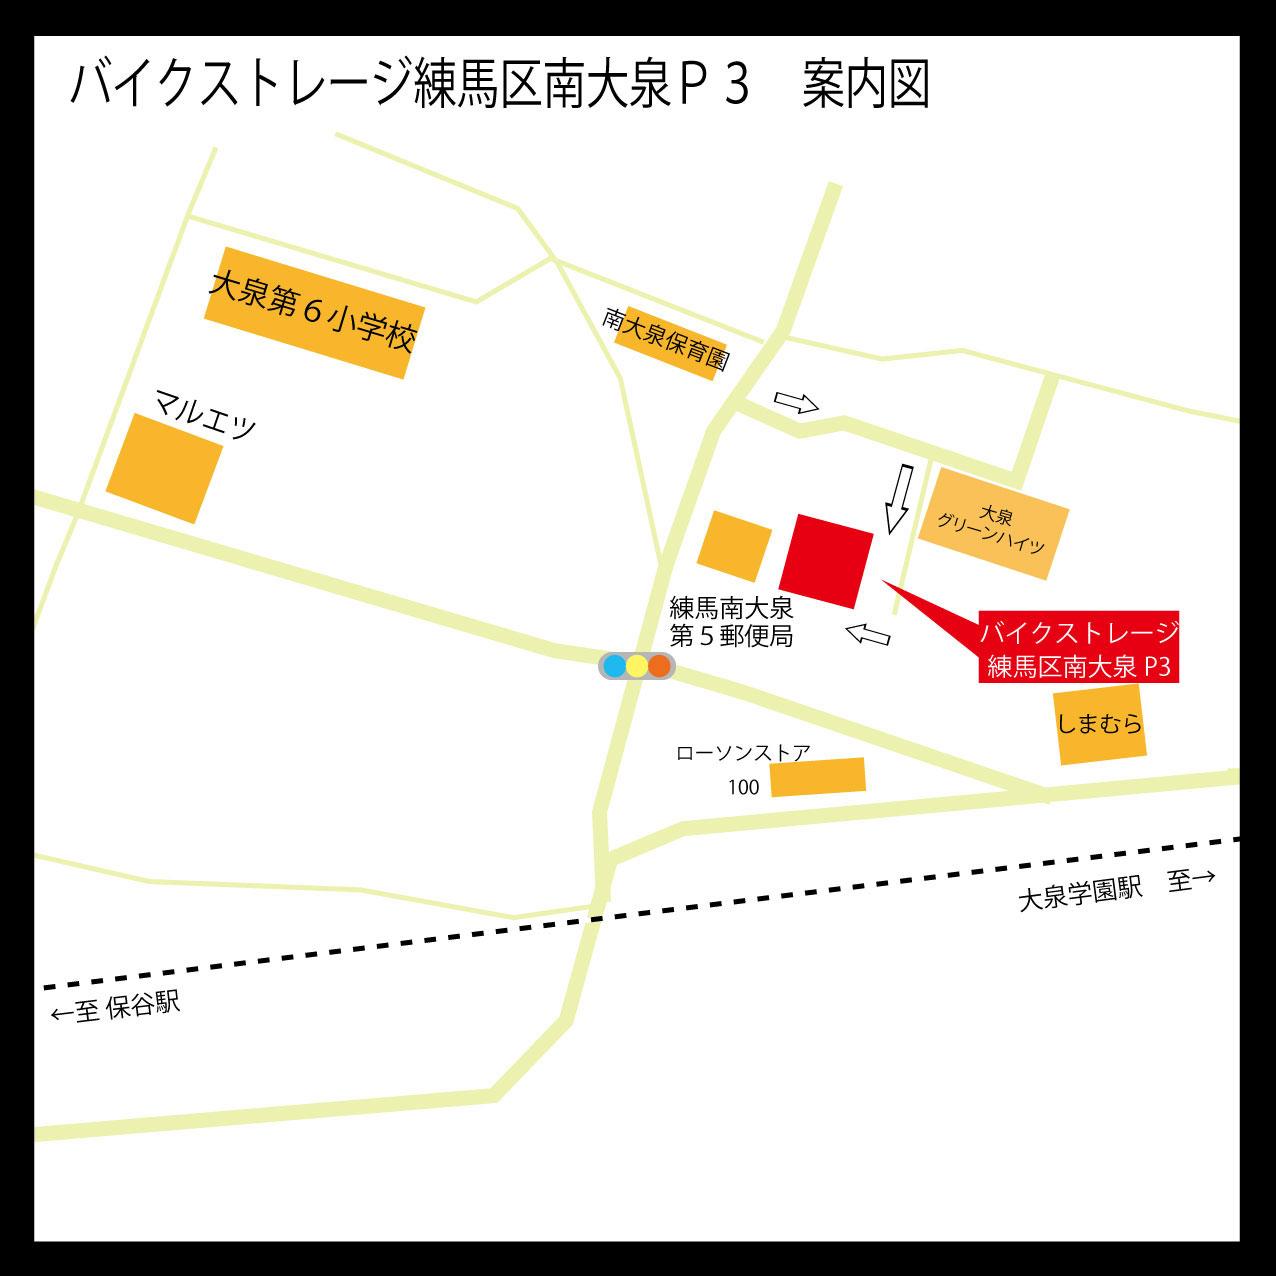 バイクストレージ練馬区南大泉P3